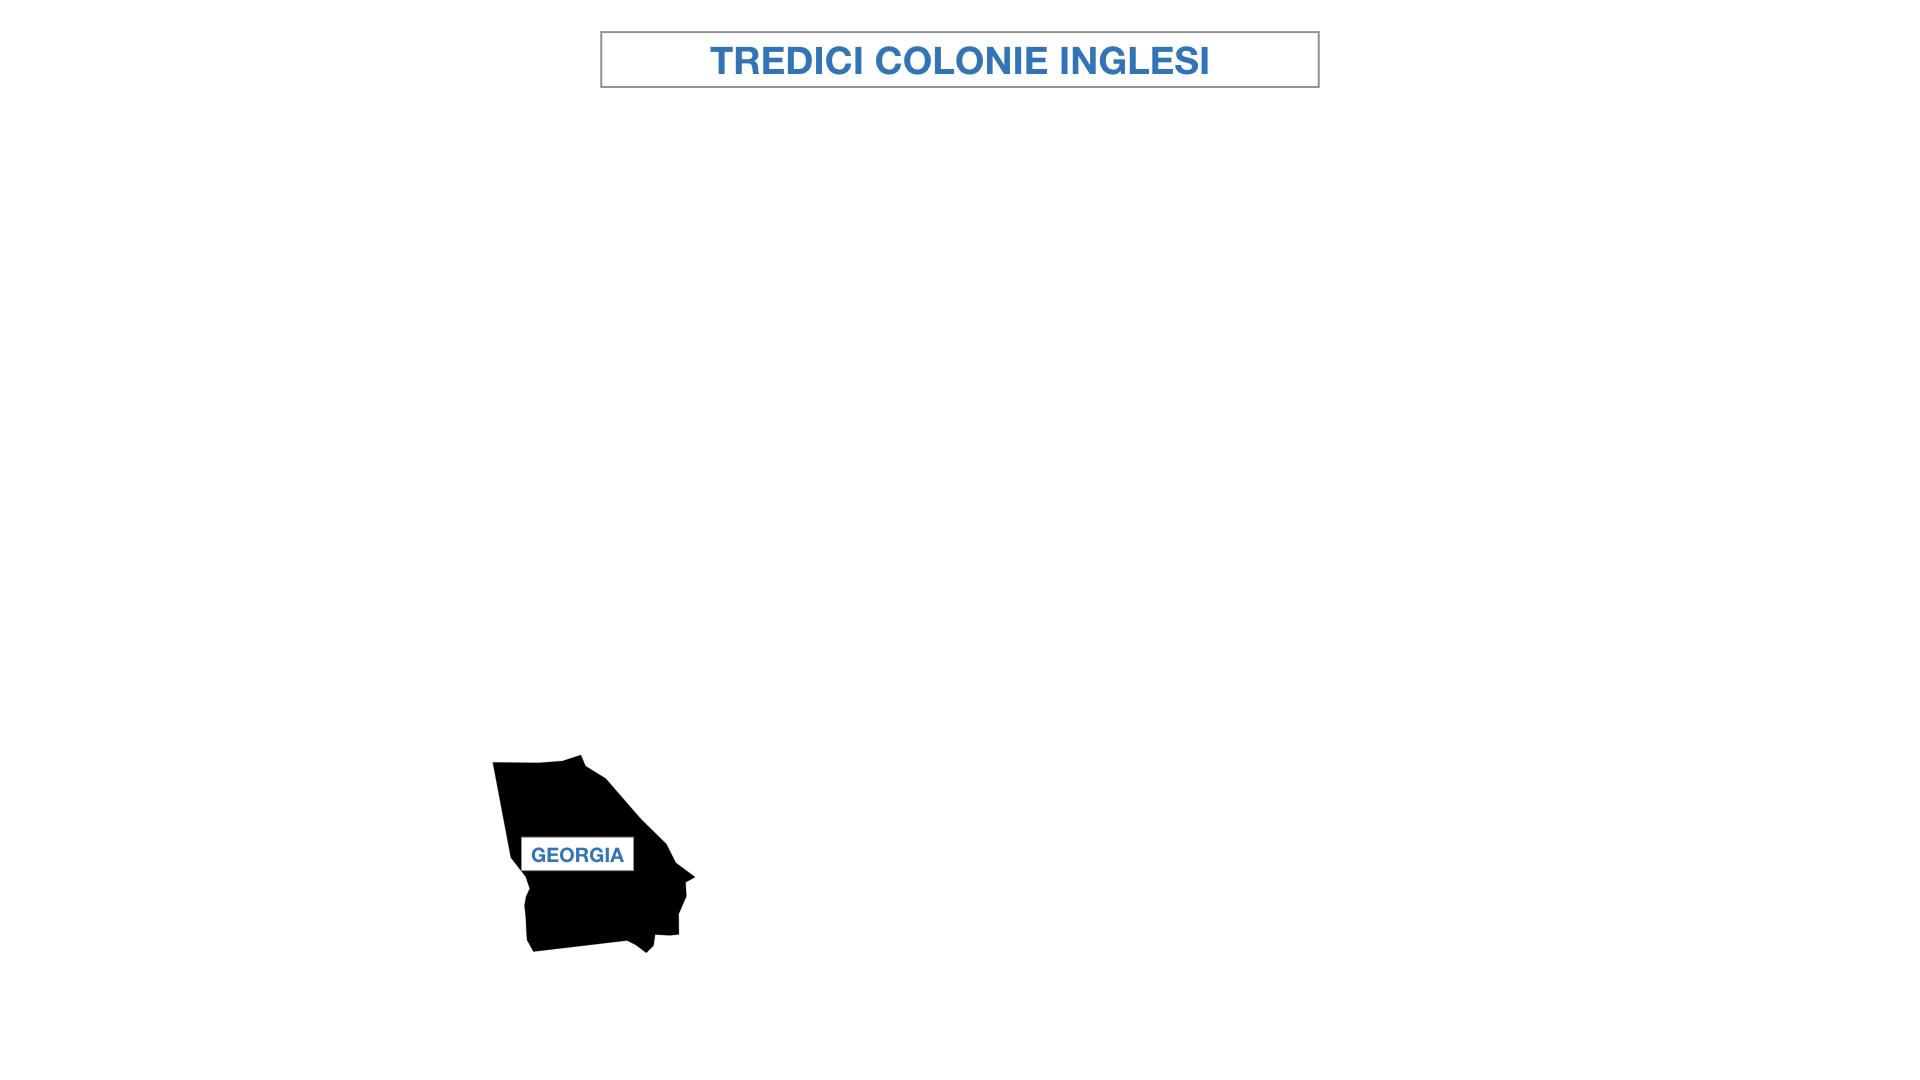 AMERICA LE TREDICI COLONIE INGLESI SIMULAZIONE.022